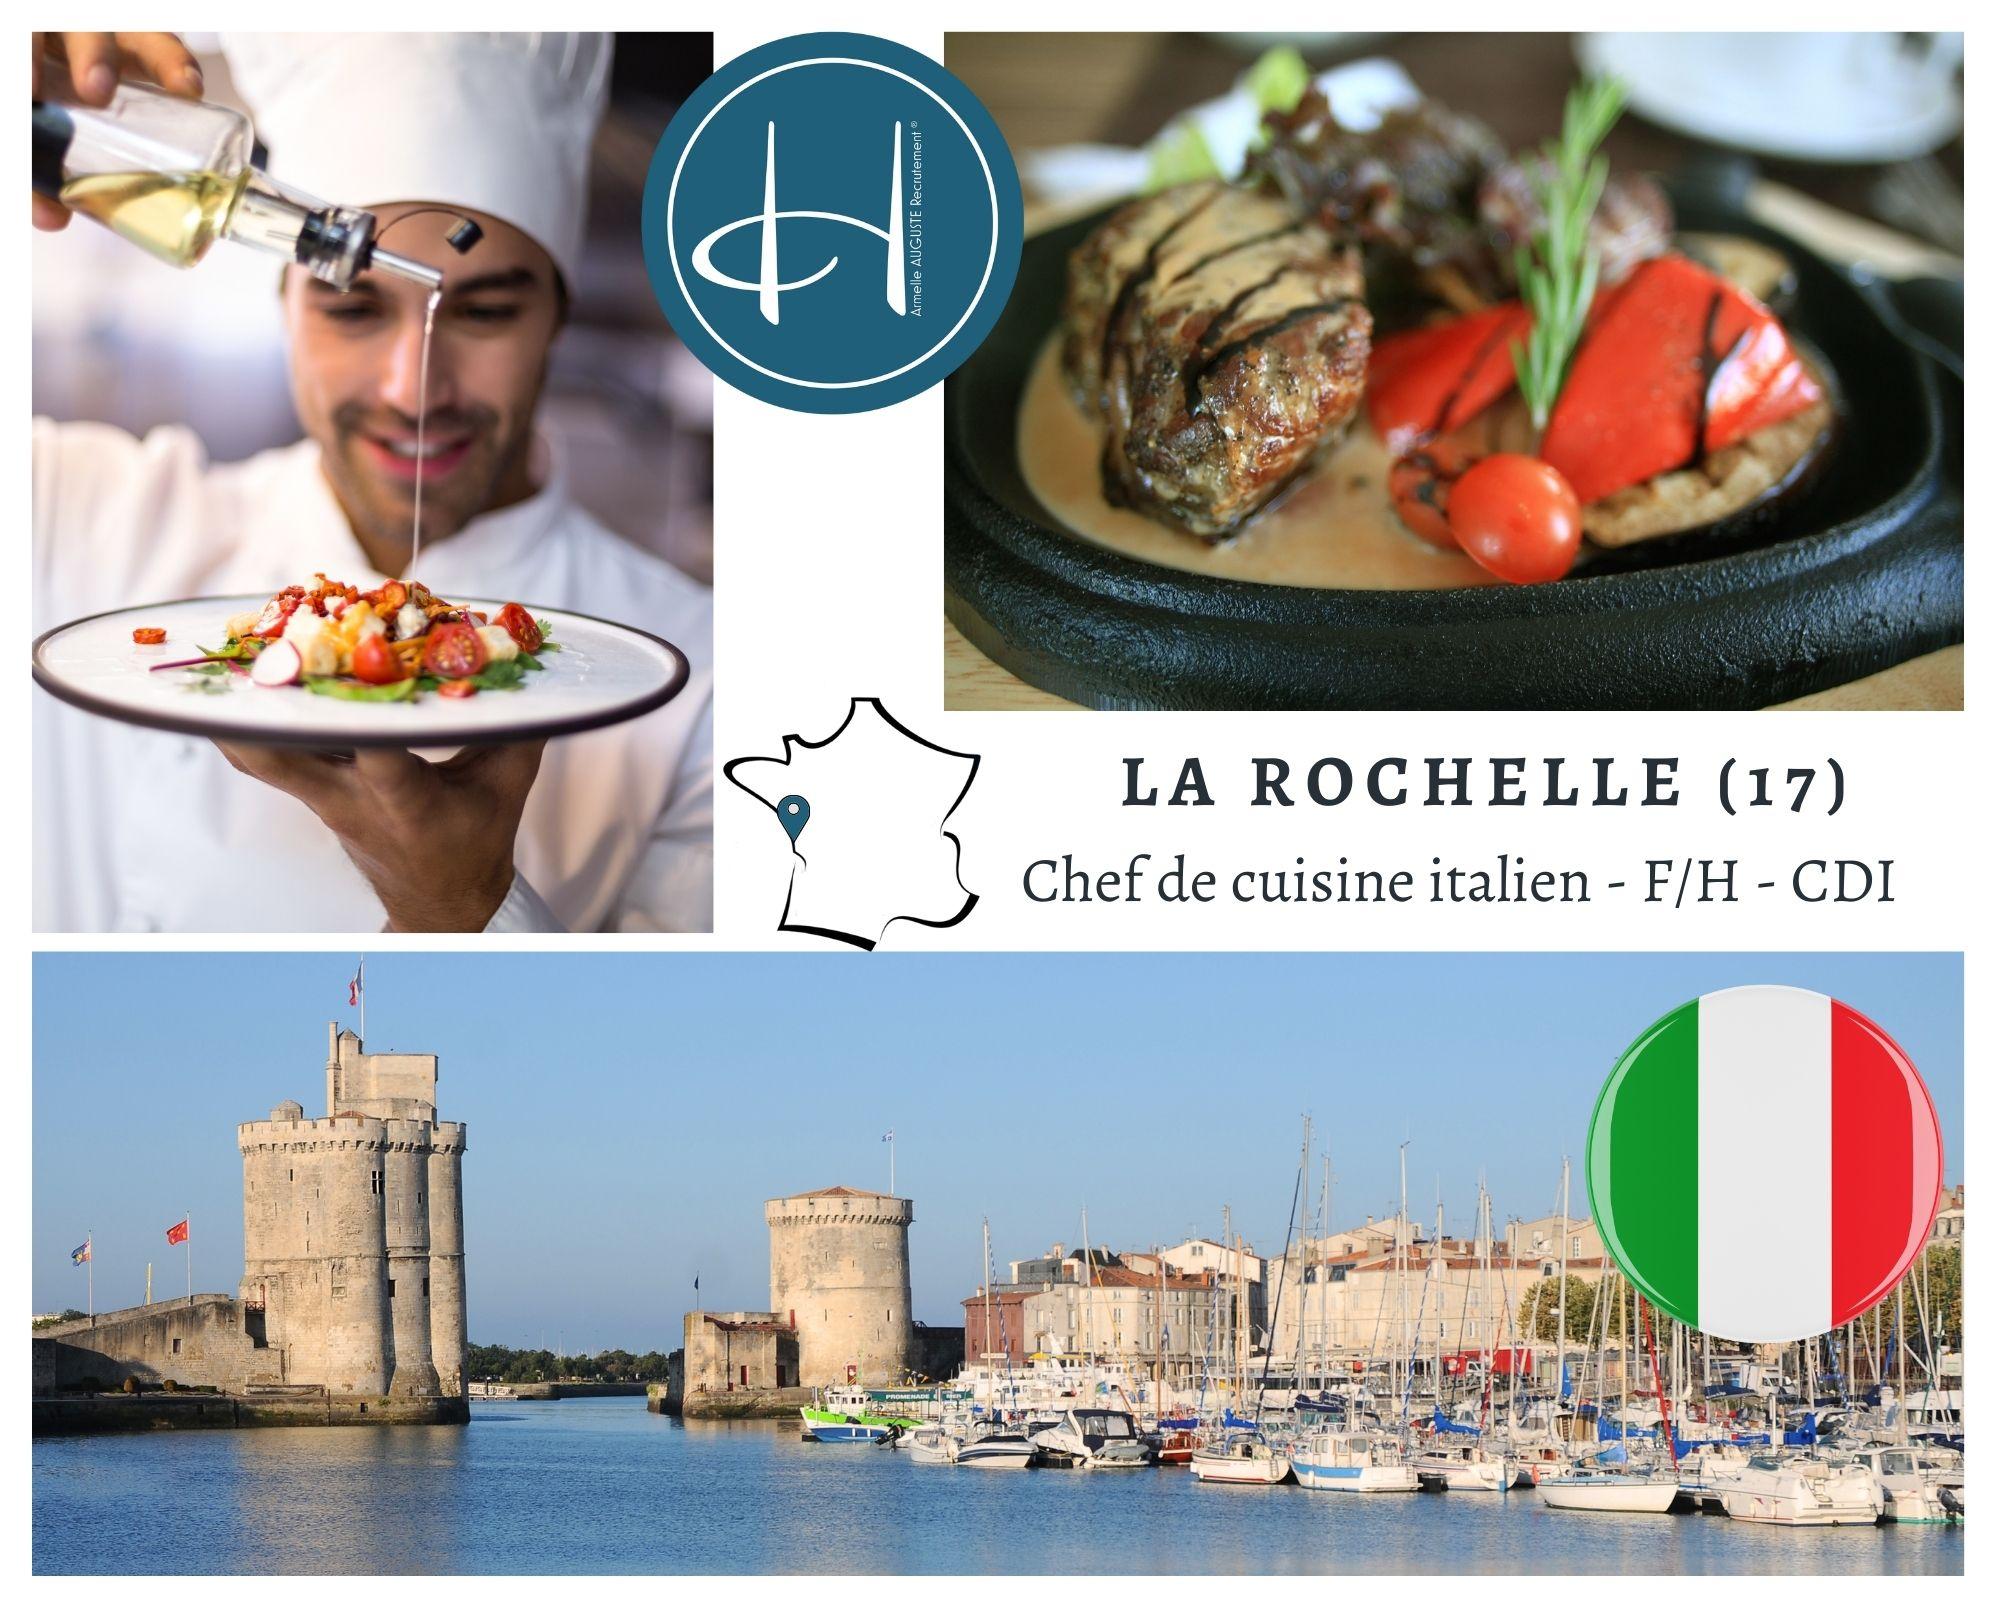 Recrutement: Chef de cuisine restaurant italien F/H chez Armelle AUGUSTE Recrutement® à la rochelle